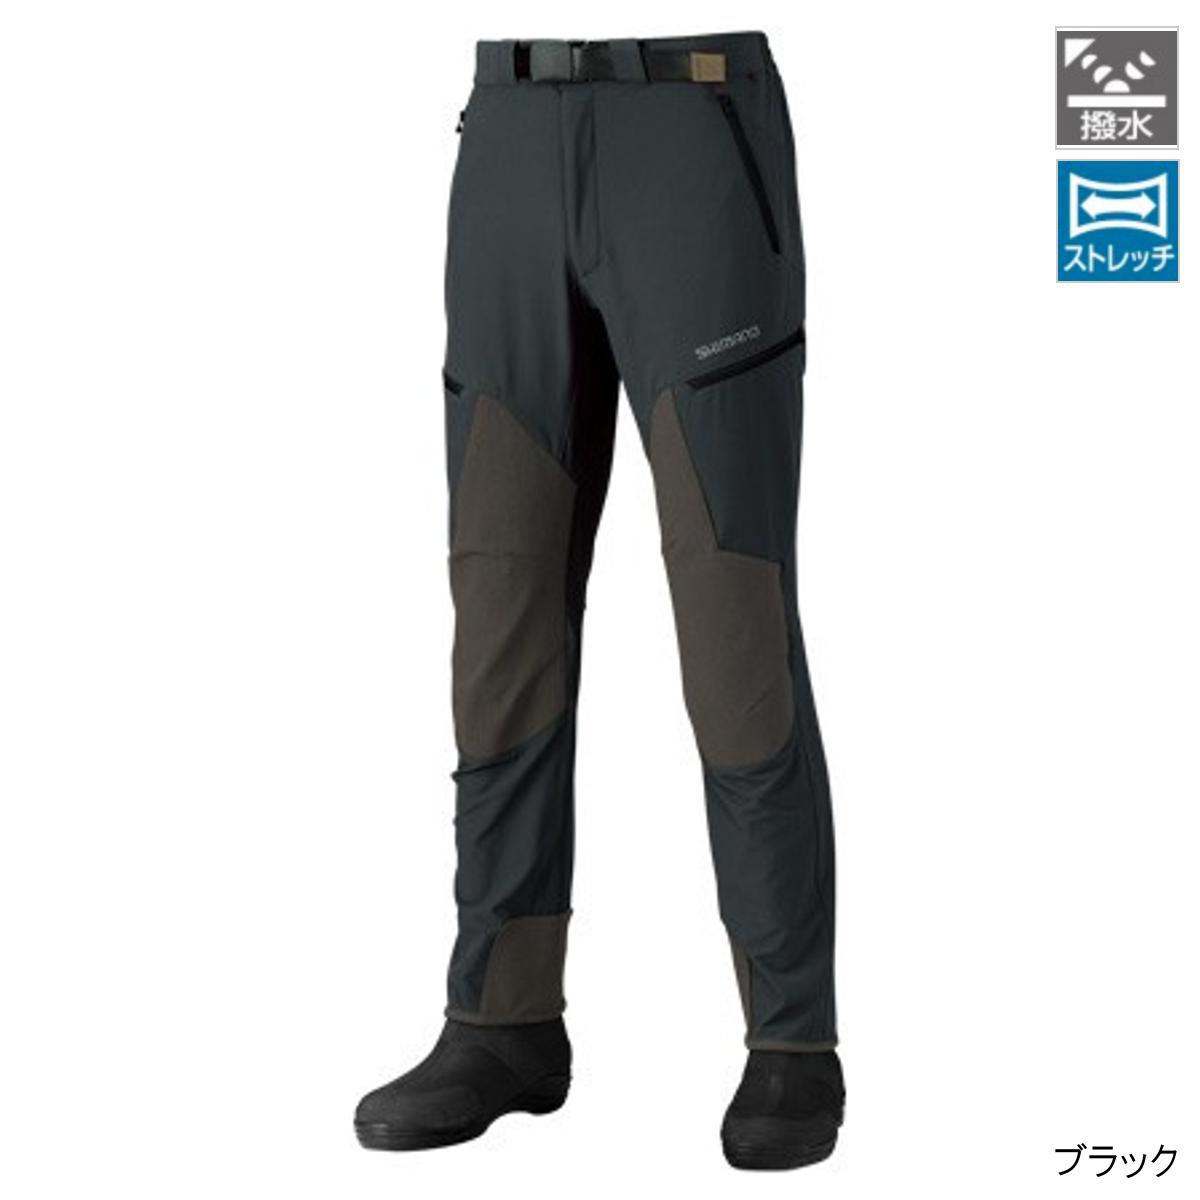 シマノ 撥水ストレッチパンツ PA-041R 2XL ブラック